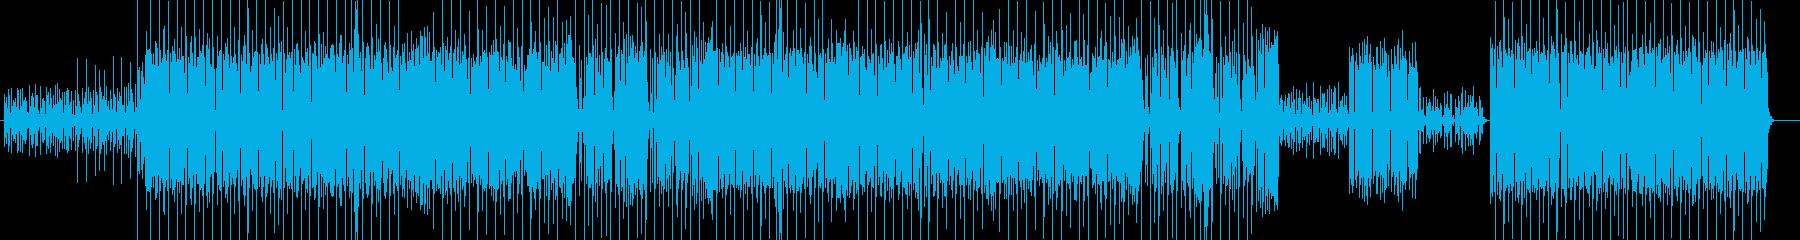 軽快なアップテンポビートミュージックの再生済みの波形